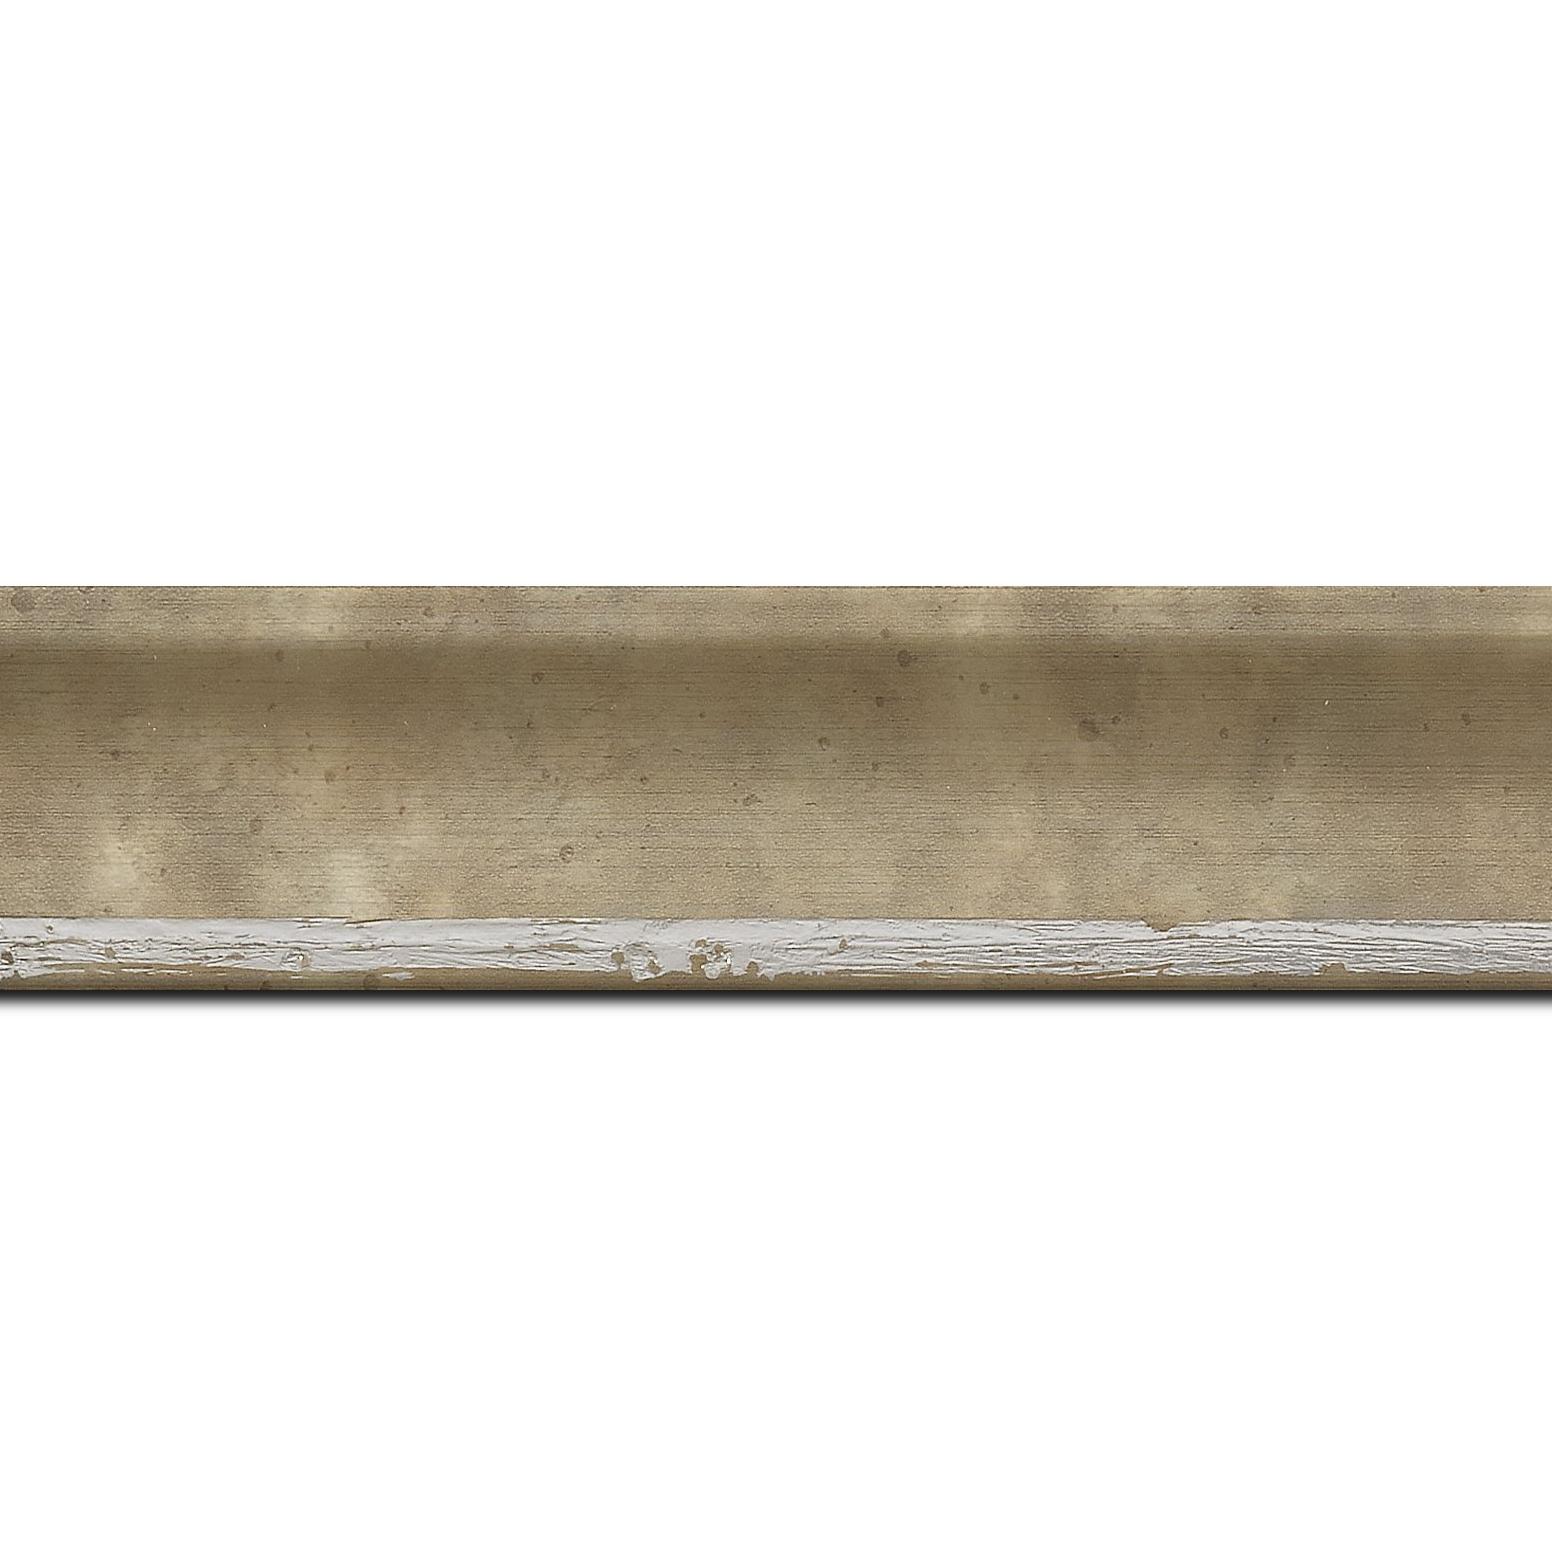 Baguette longueur 1.40m bois profil incurvé largeur 3.9cm argent chaud tamisé